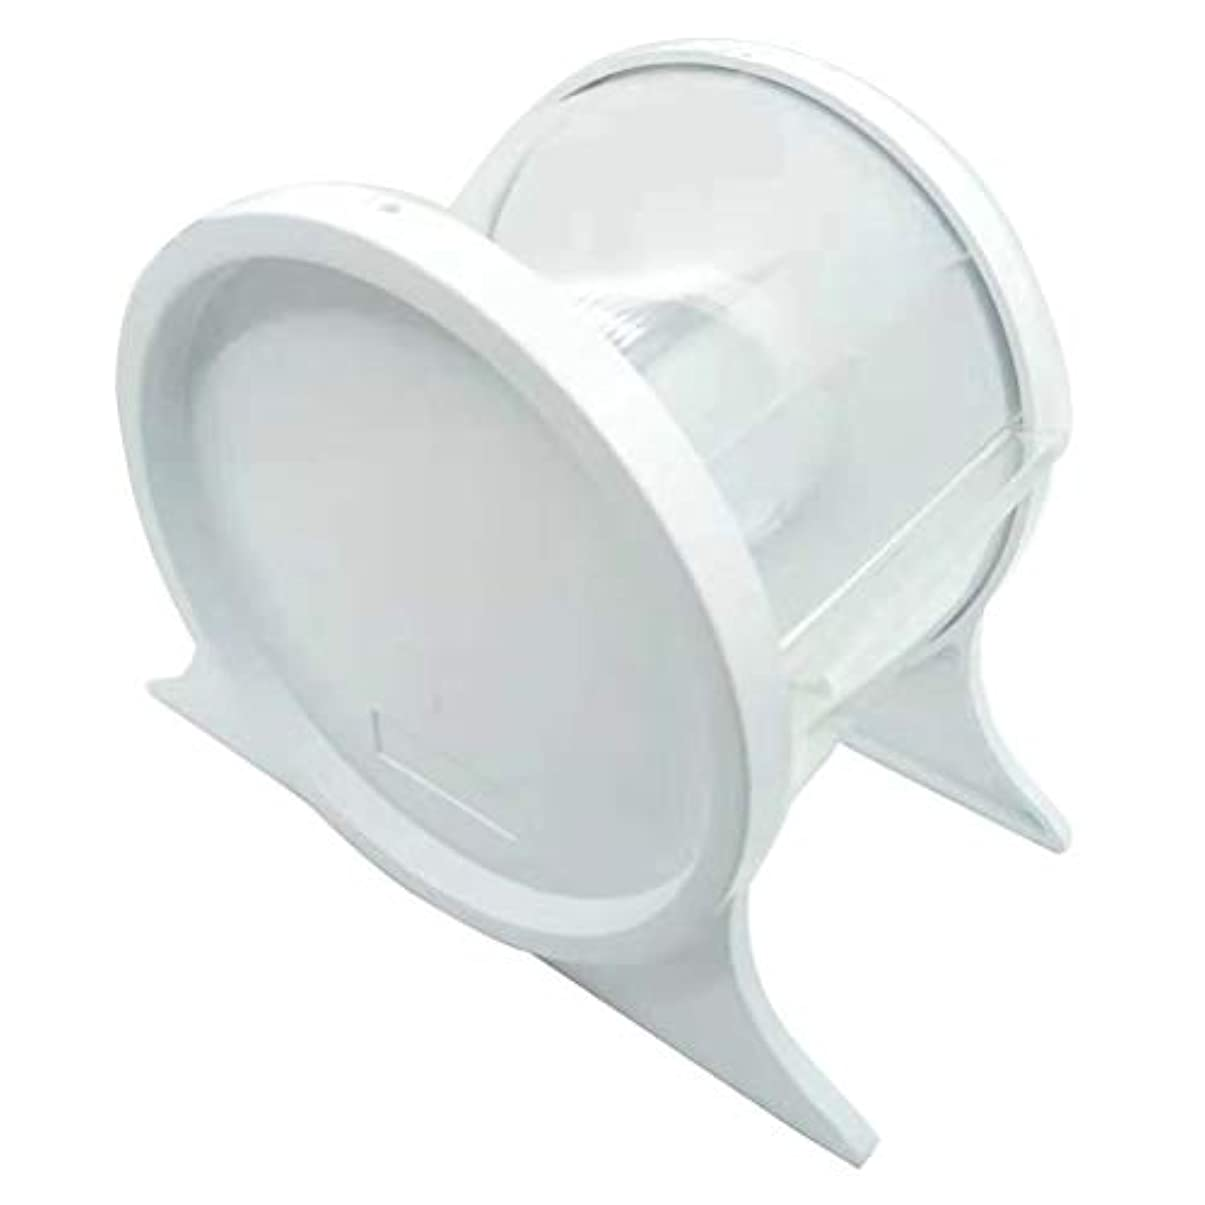 申請者続編フォームSUPVOX 歯科用バリアフィルムディスペンサー使い捨て保護スタンドホルダーシェルフ歯科用ツール1本(ホワイト)